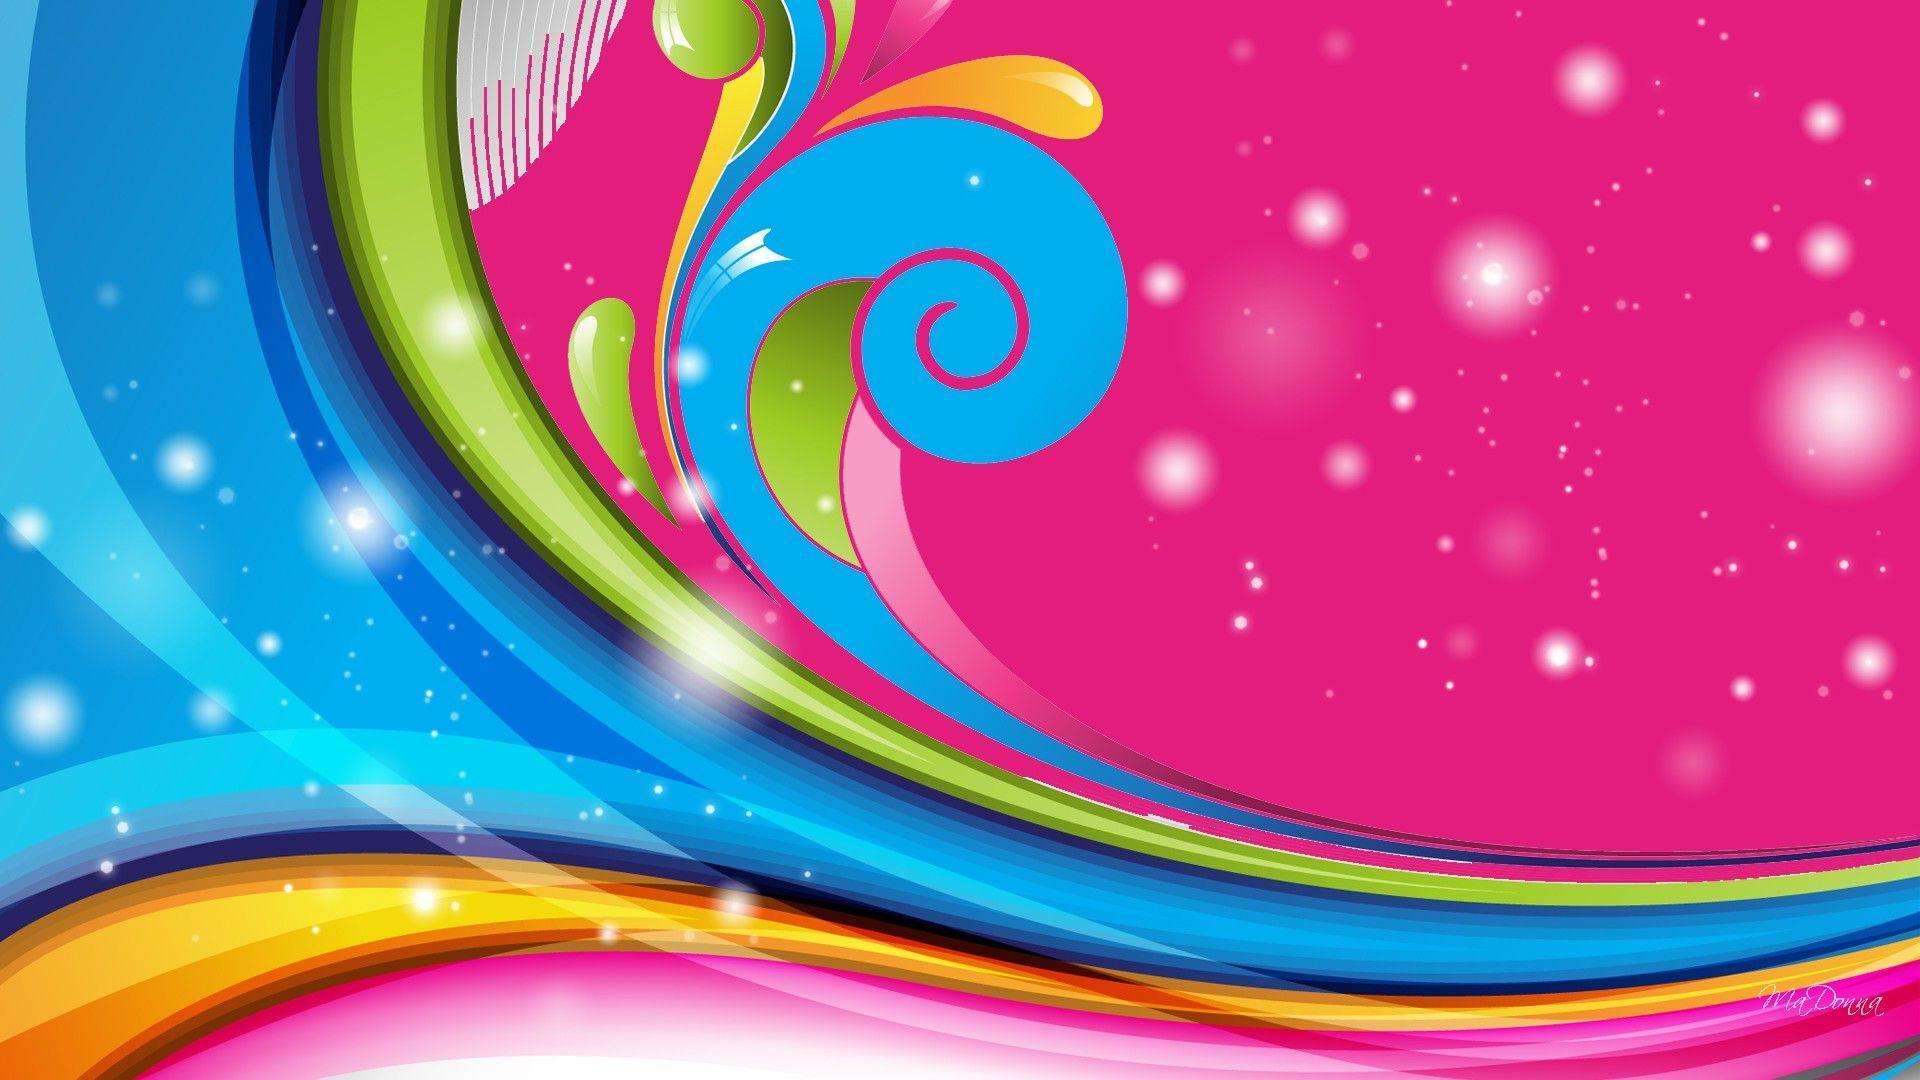 Full Colour Wallpaper